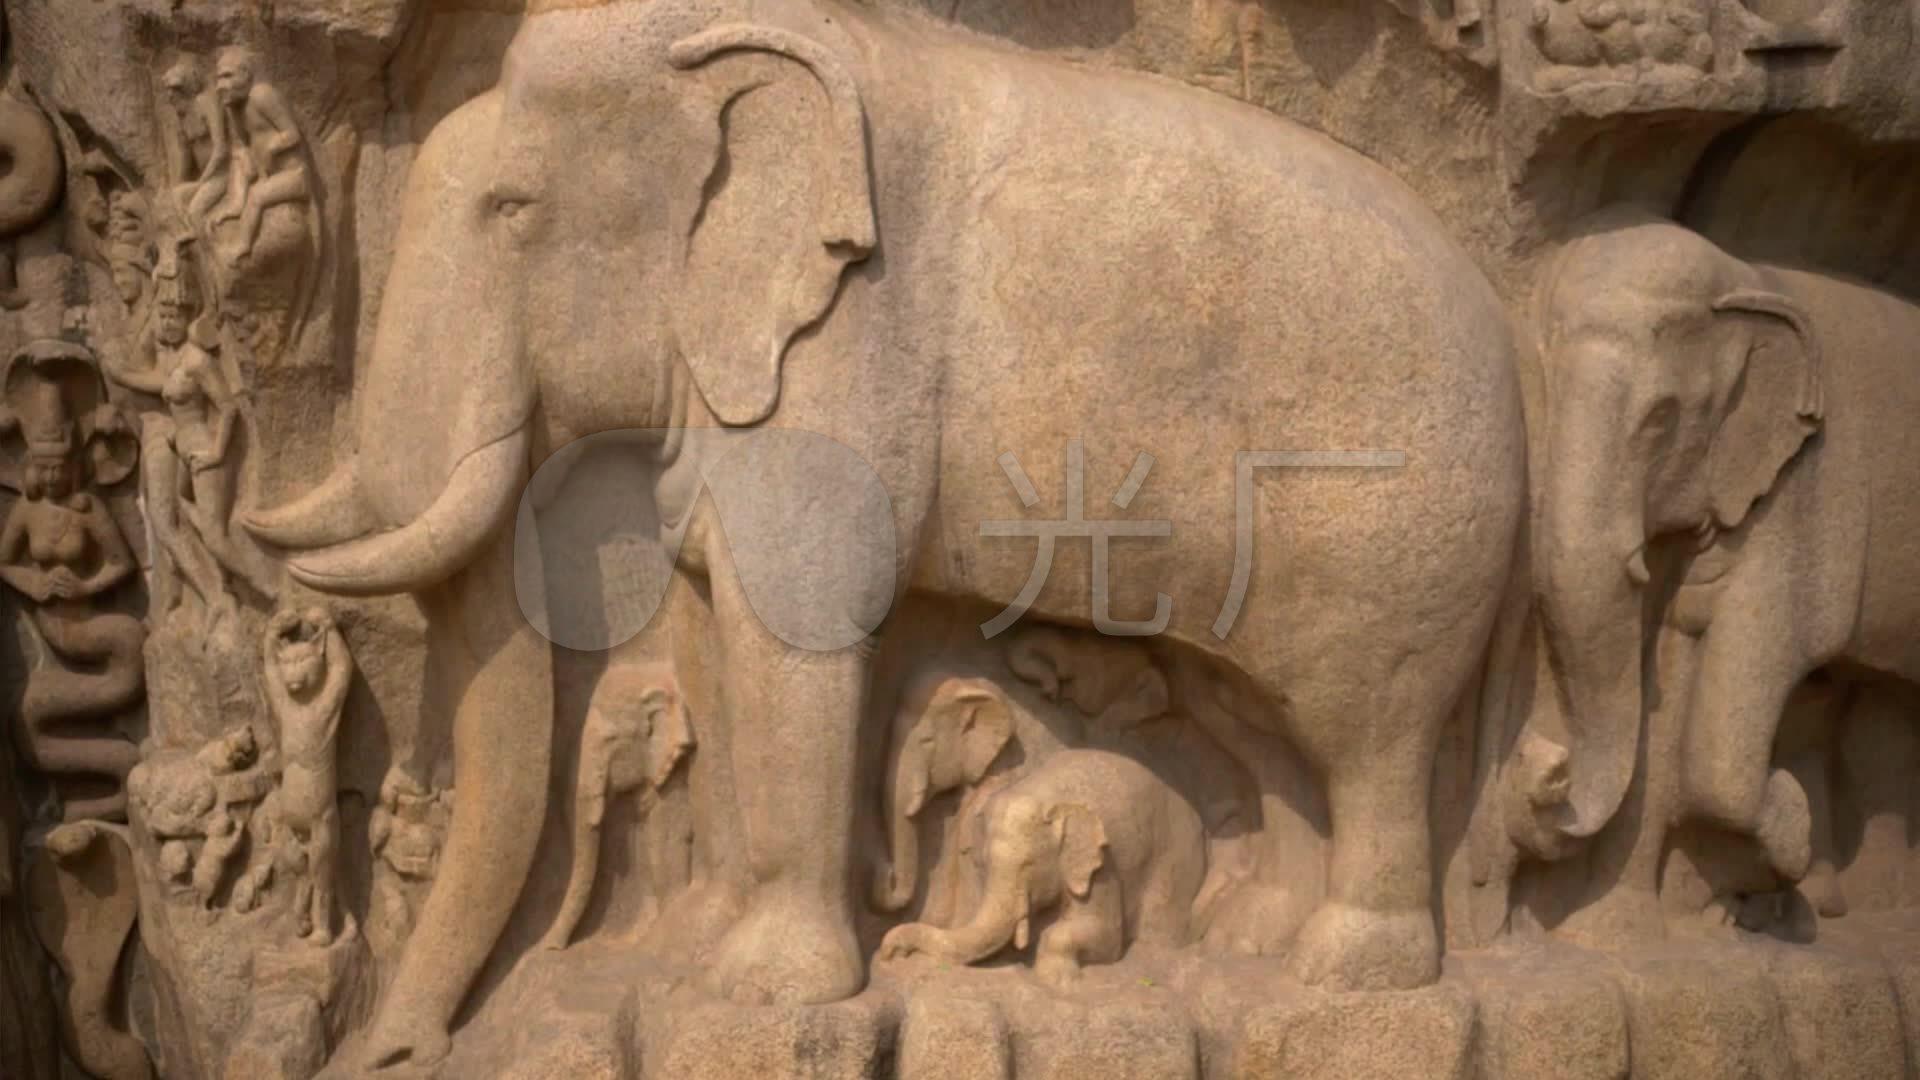 印度僧人雕_文化大象_房子巨石世界石刻_192我的僧侣佛像内部设计图图片